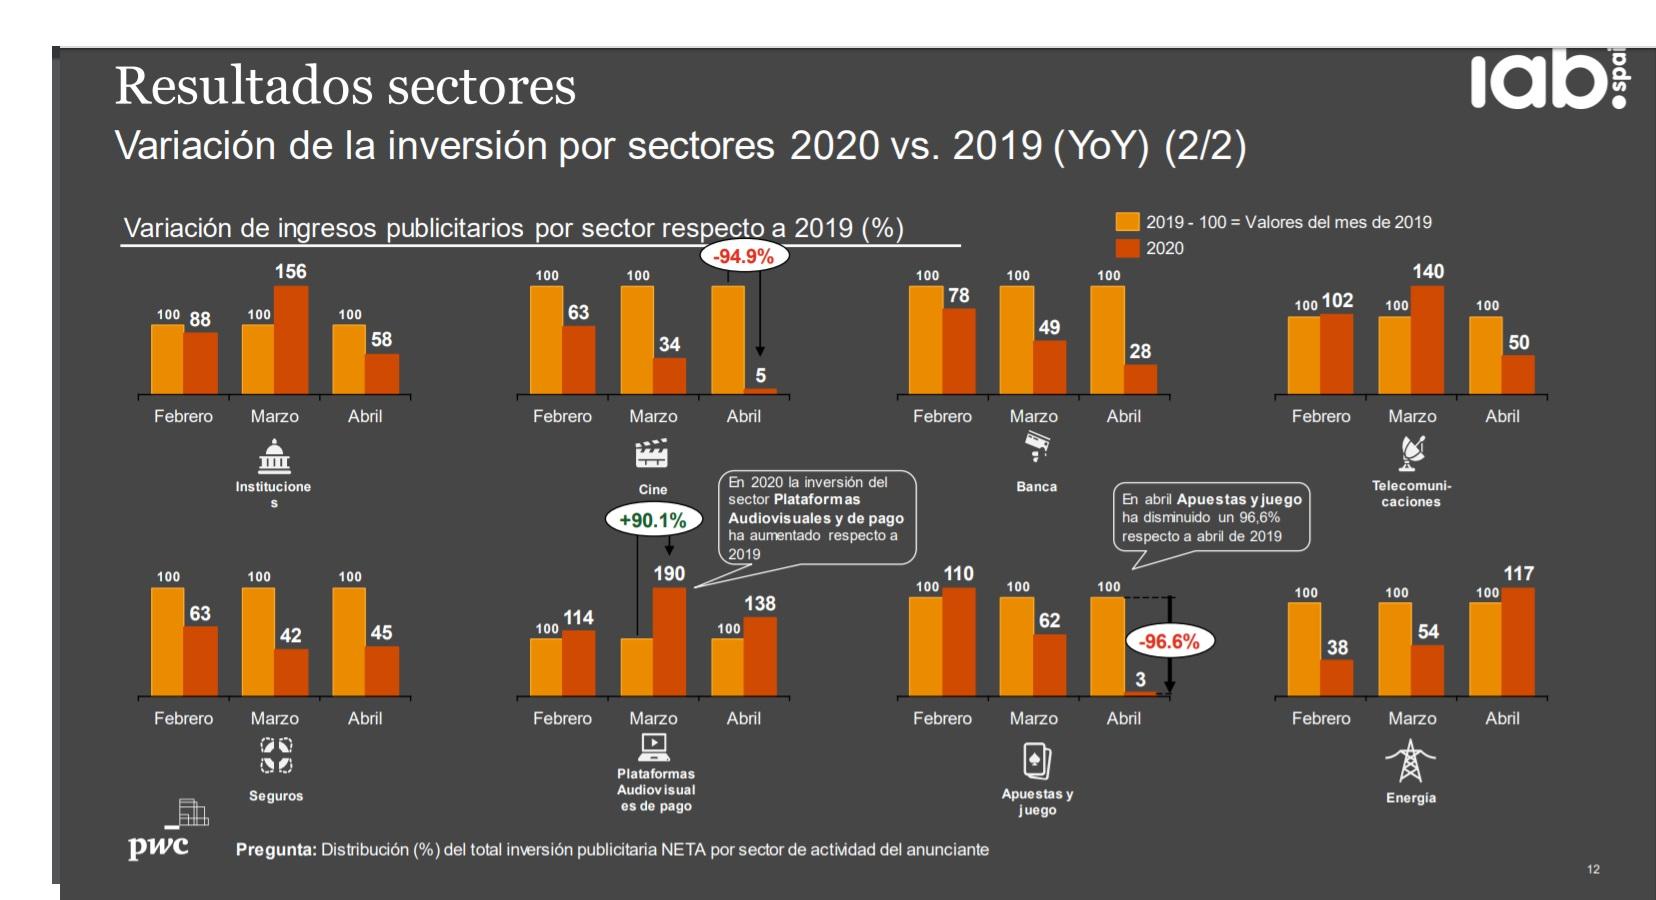 https://www.programapublicidad.com/wp-content/uploads/2020/05/iab-sectores-digital-plataformas-audiovisuales-inversión-estado-de-alarma-programapublicidad.jpg